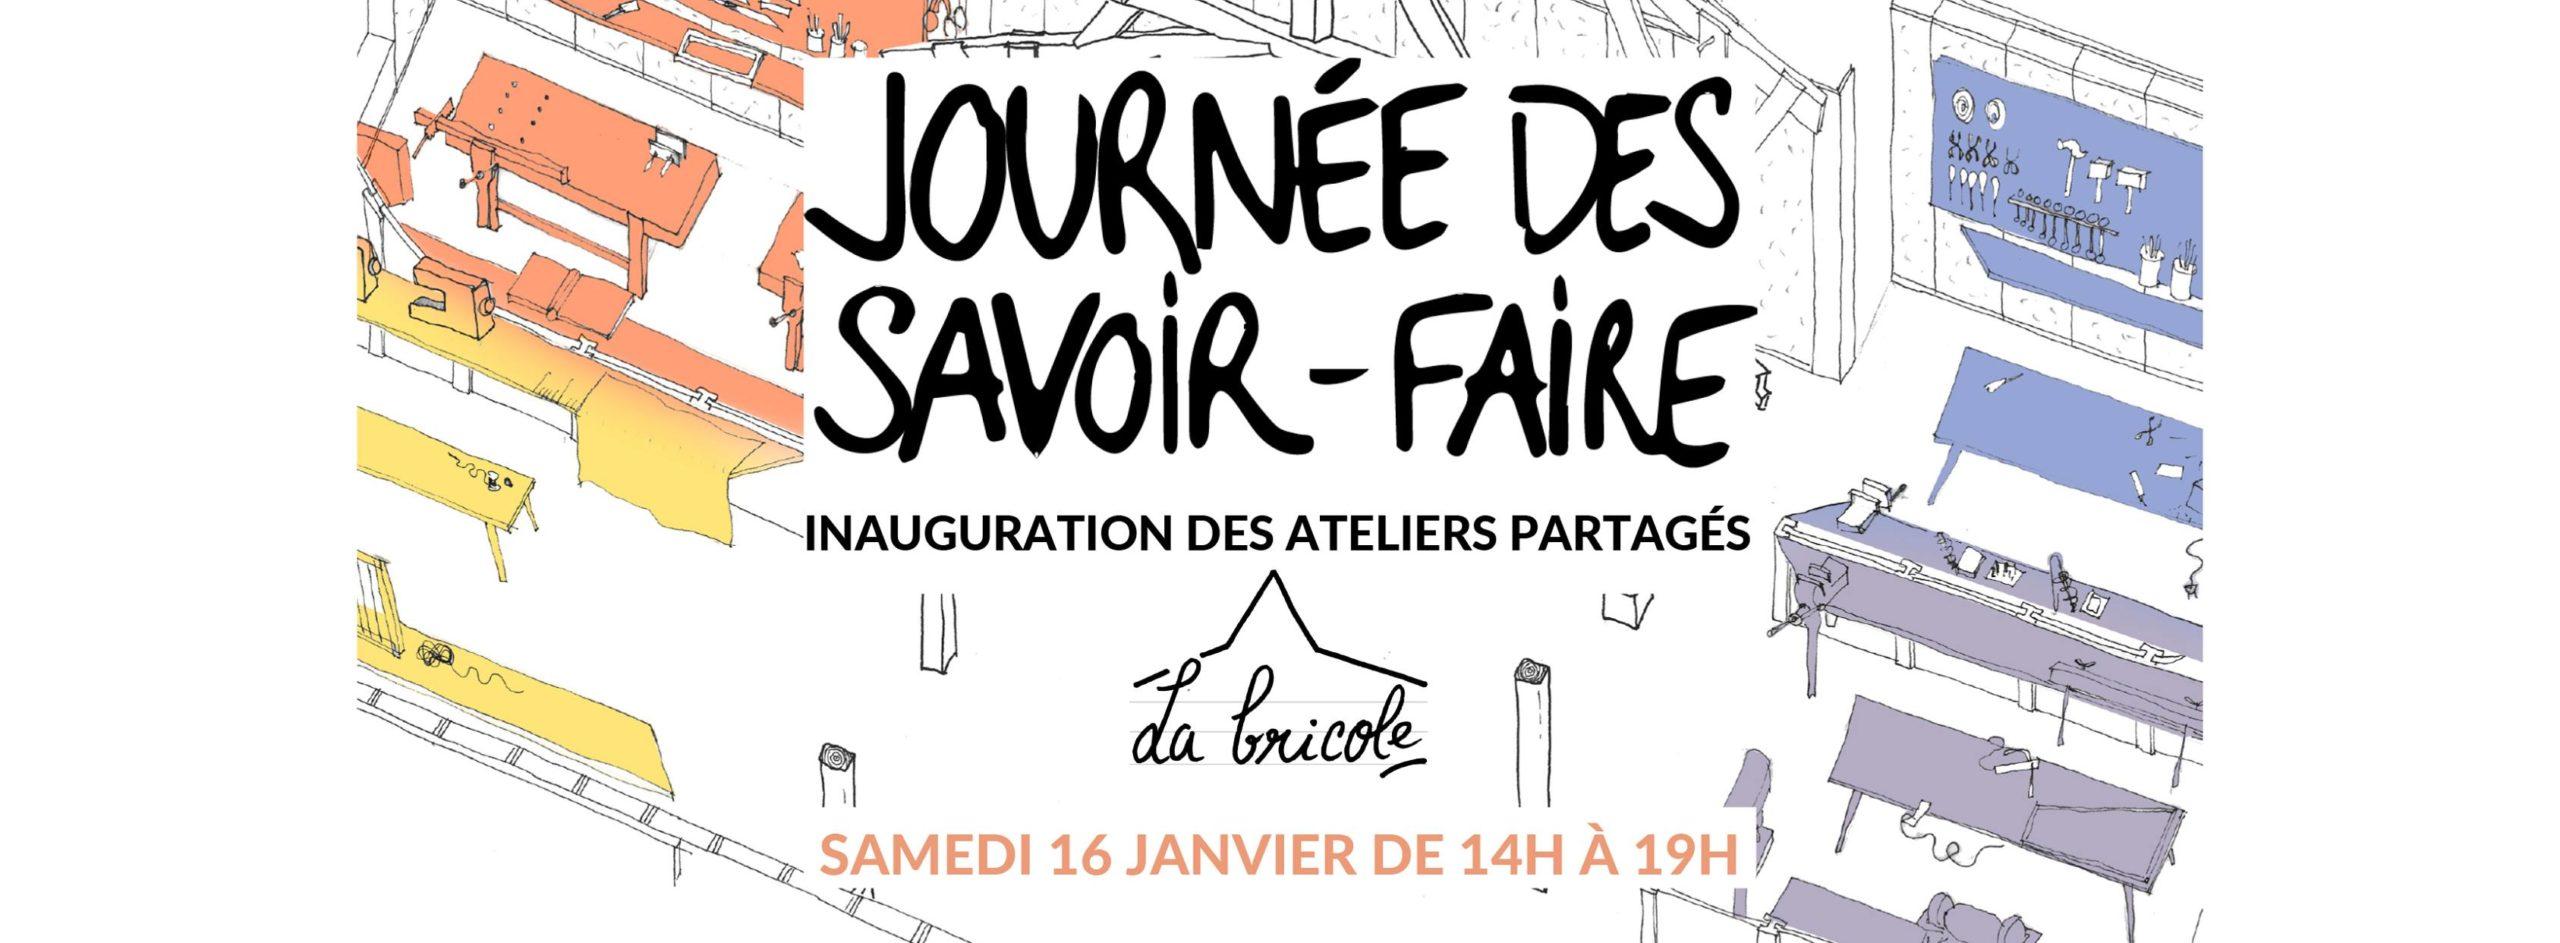 Journée des savoir-faire Les Cinq Toits Paris